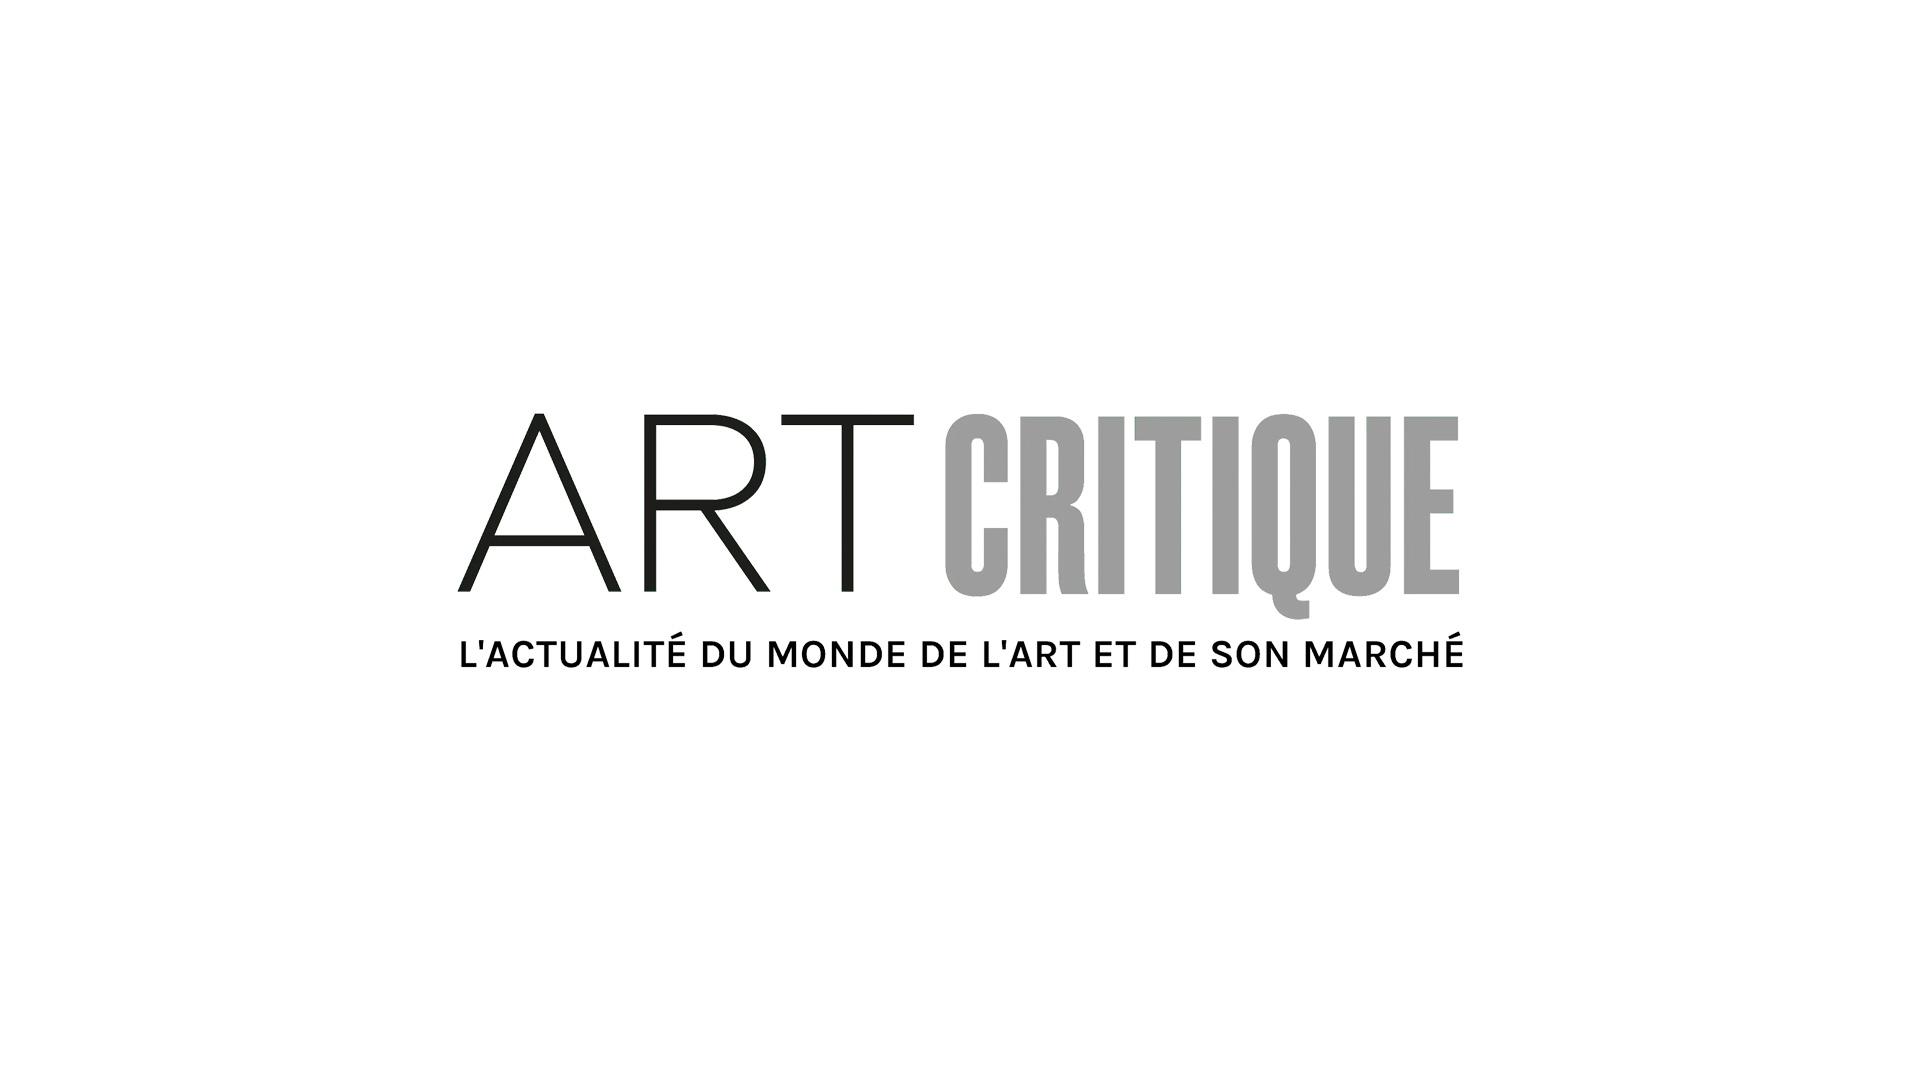 Une sculpture de Jeff Koons menacée de disparition